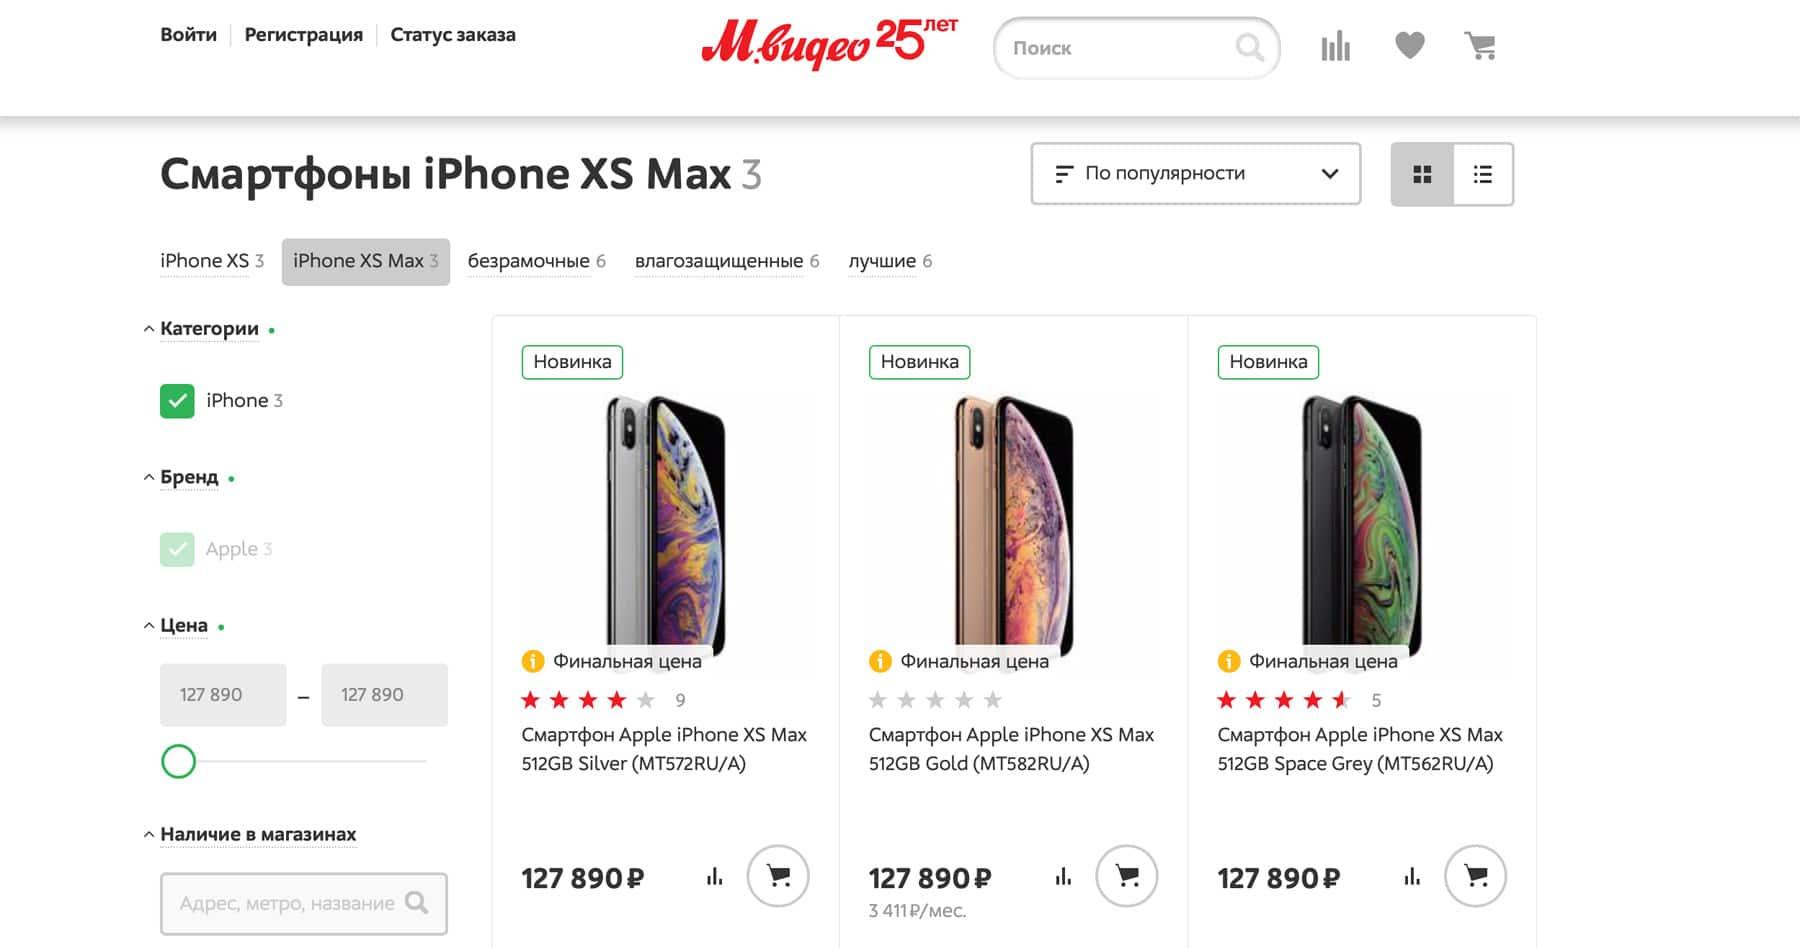 3 MVideo stoimost IPhone XS Max - Посещение Apple Store в Гонконге, или стоит ли ехать в Гонконг за новыми iPhone?